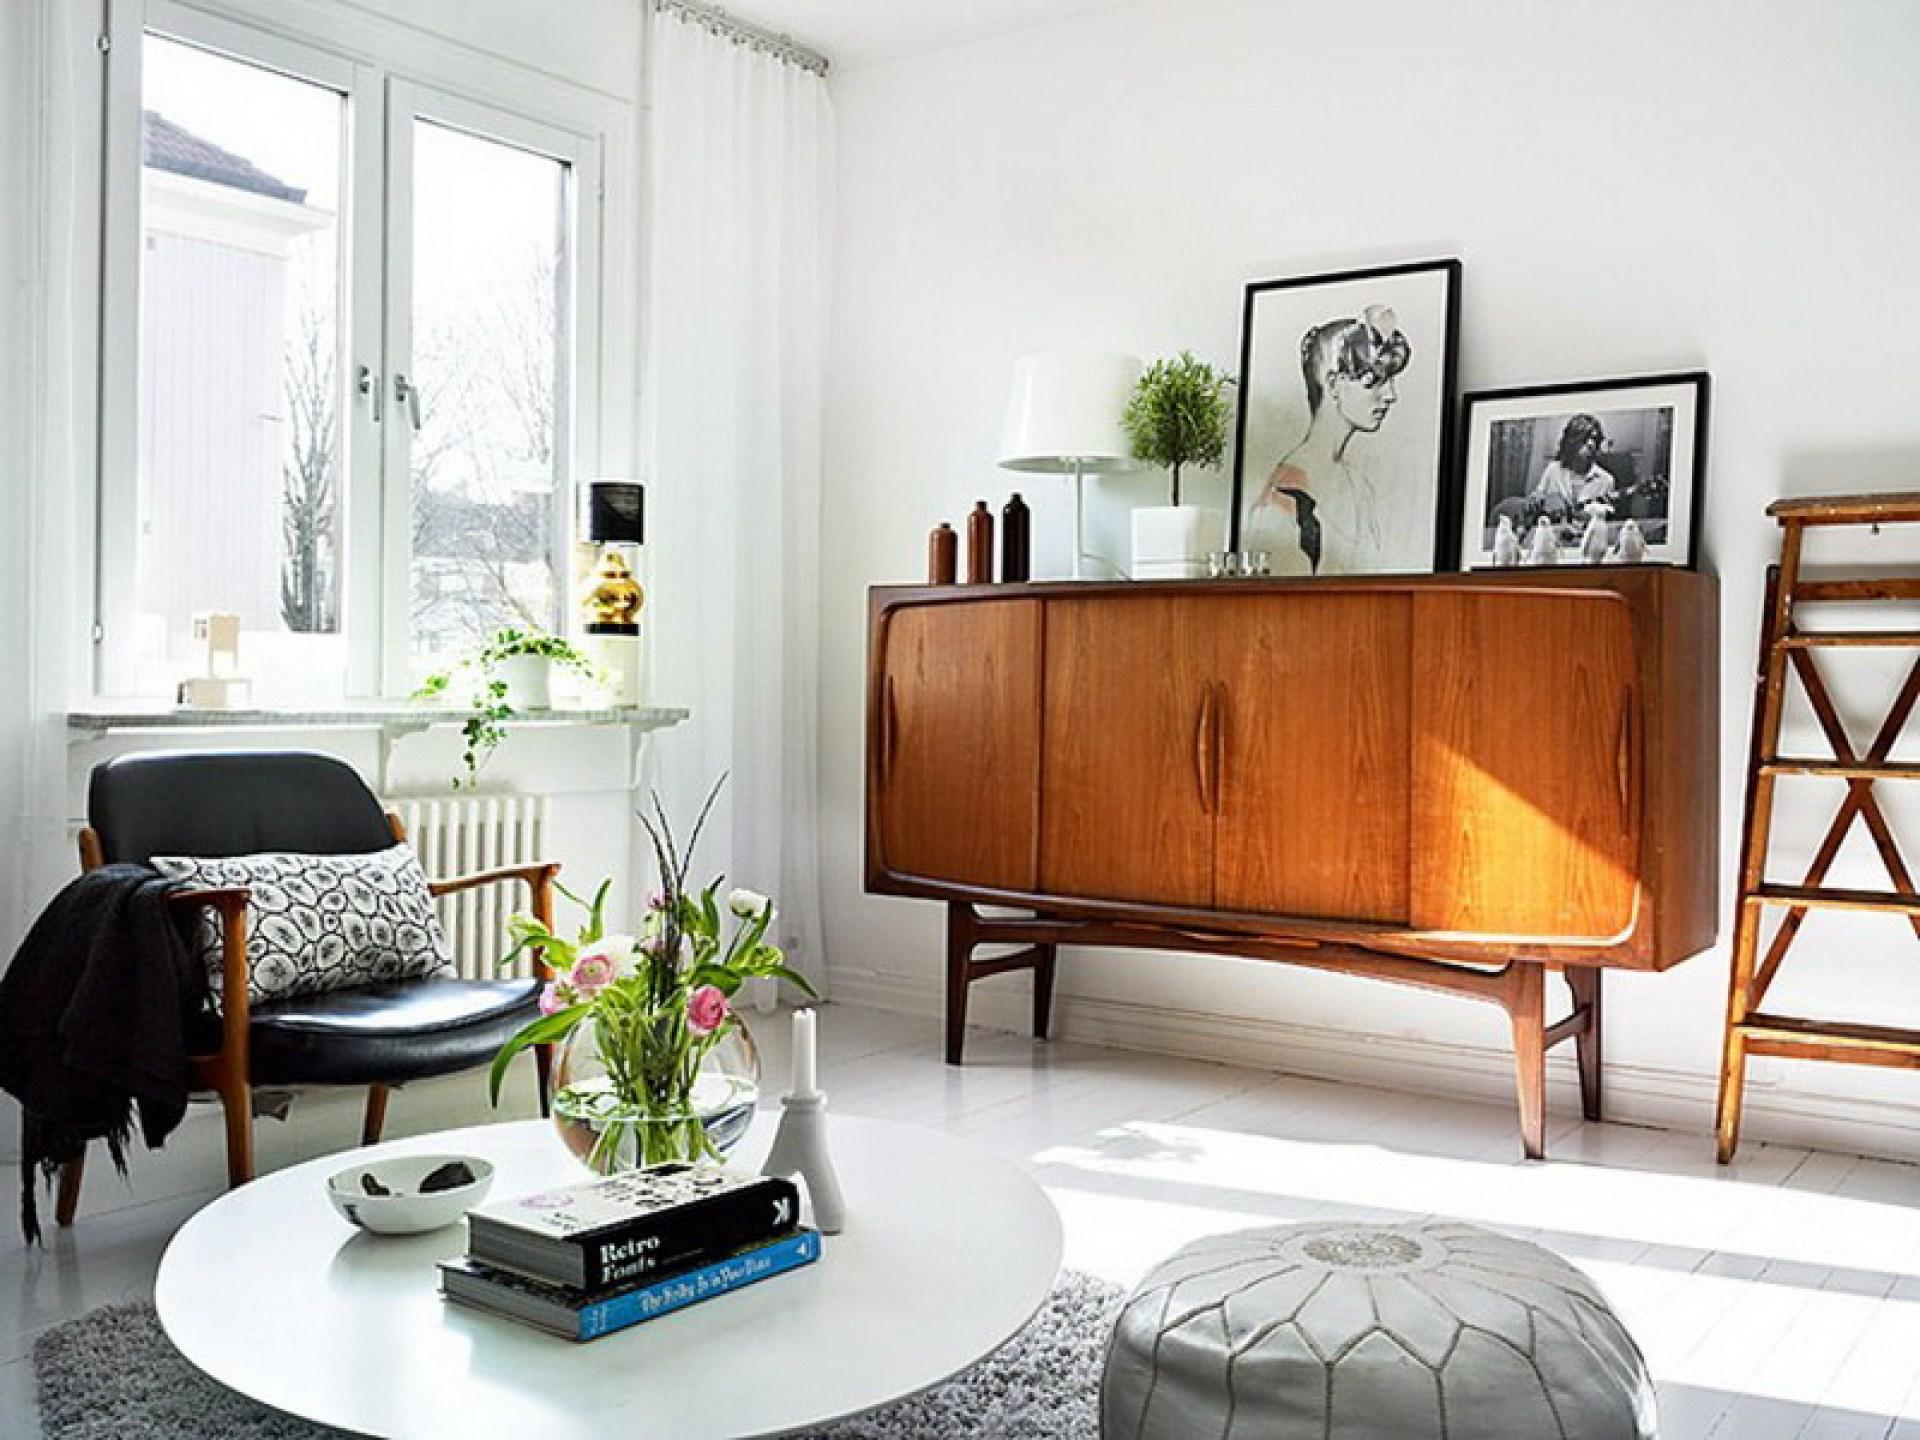 5 особенностей интерьера квартир советской эпохи, от которых не стоит избавляться - Интерьер